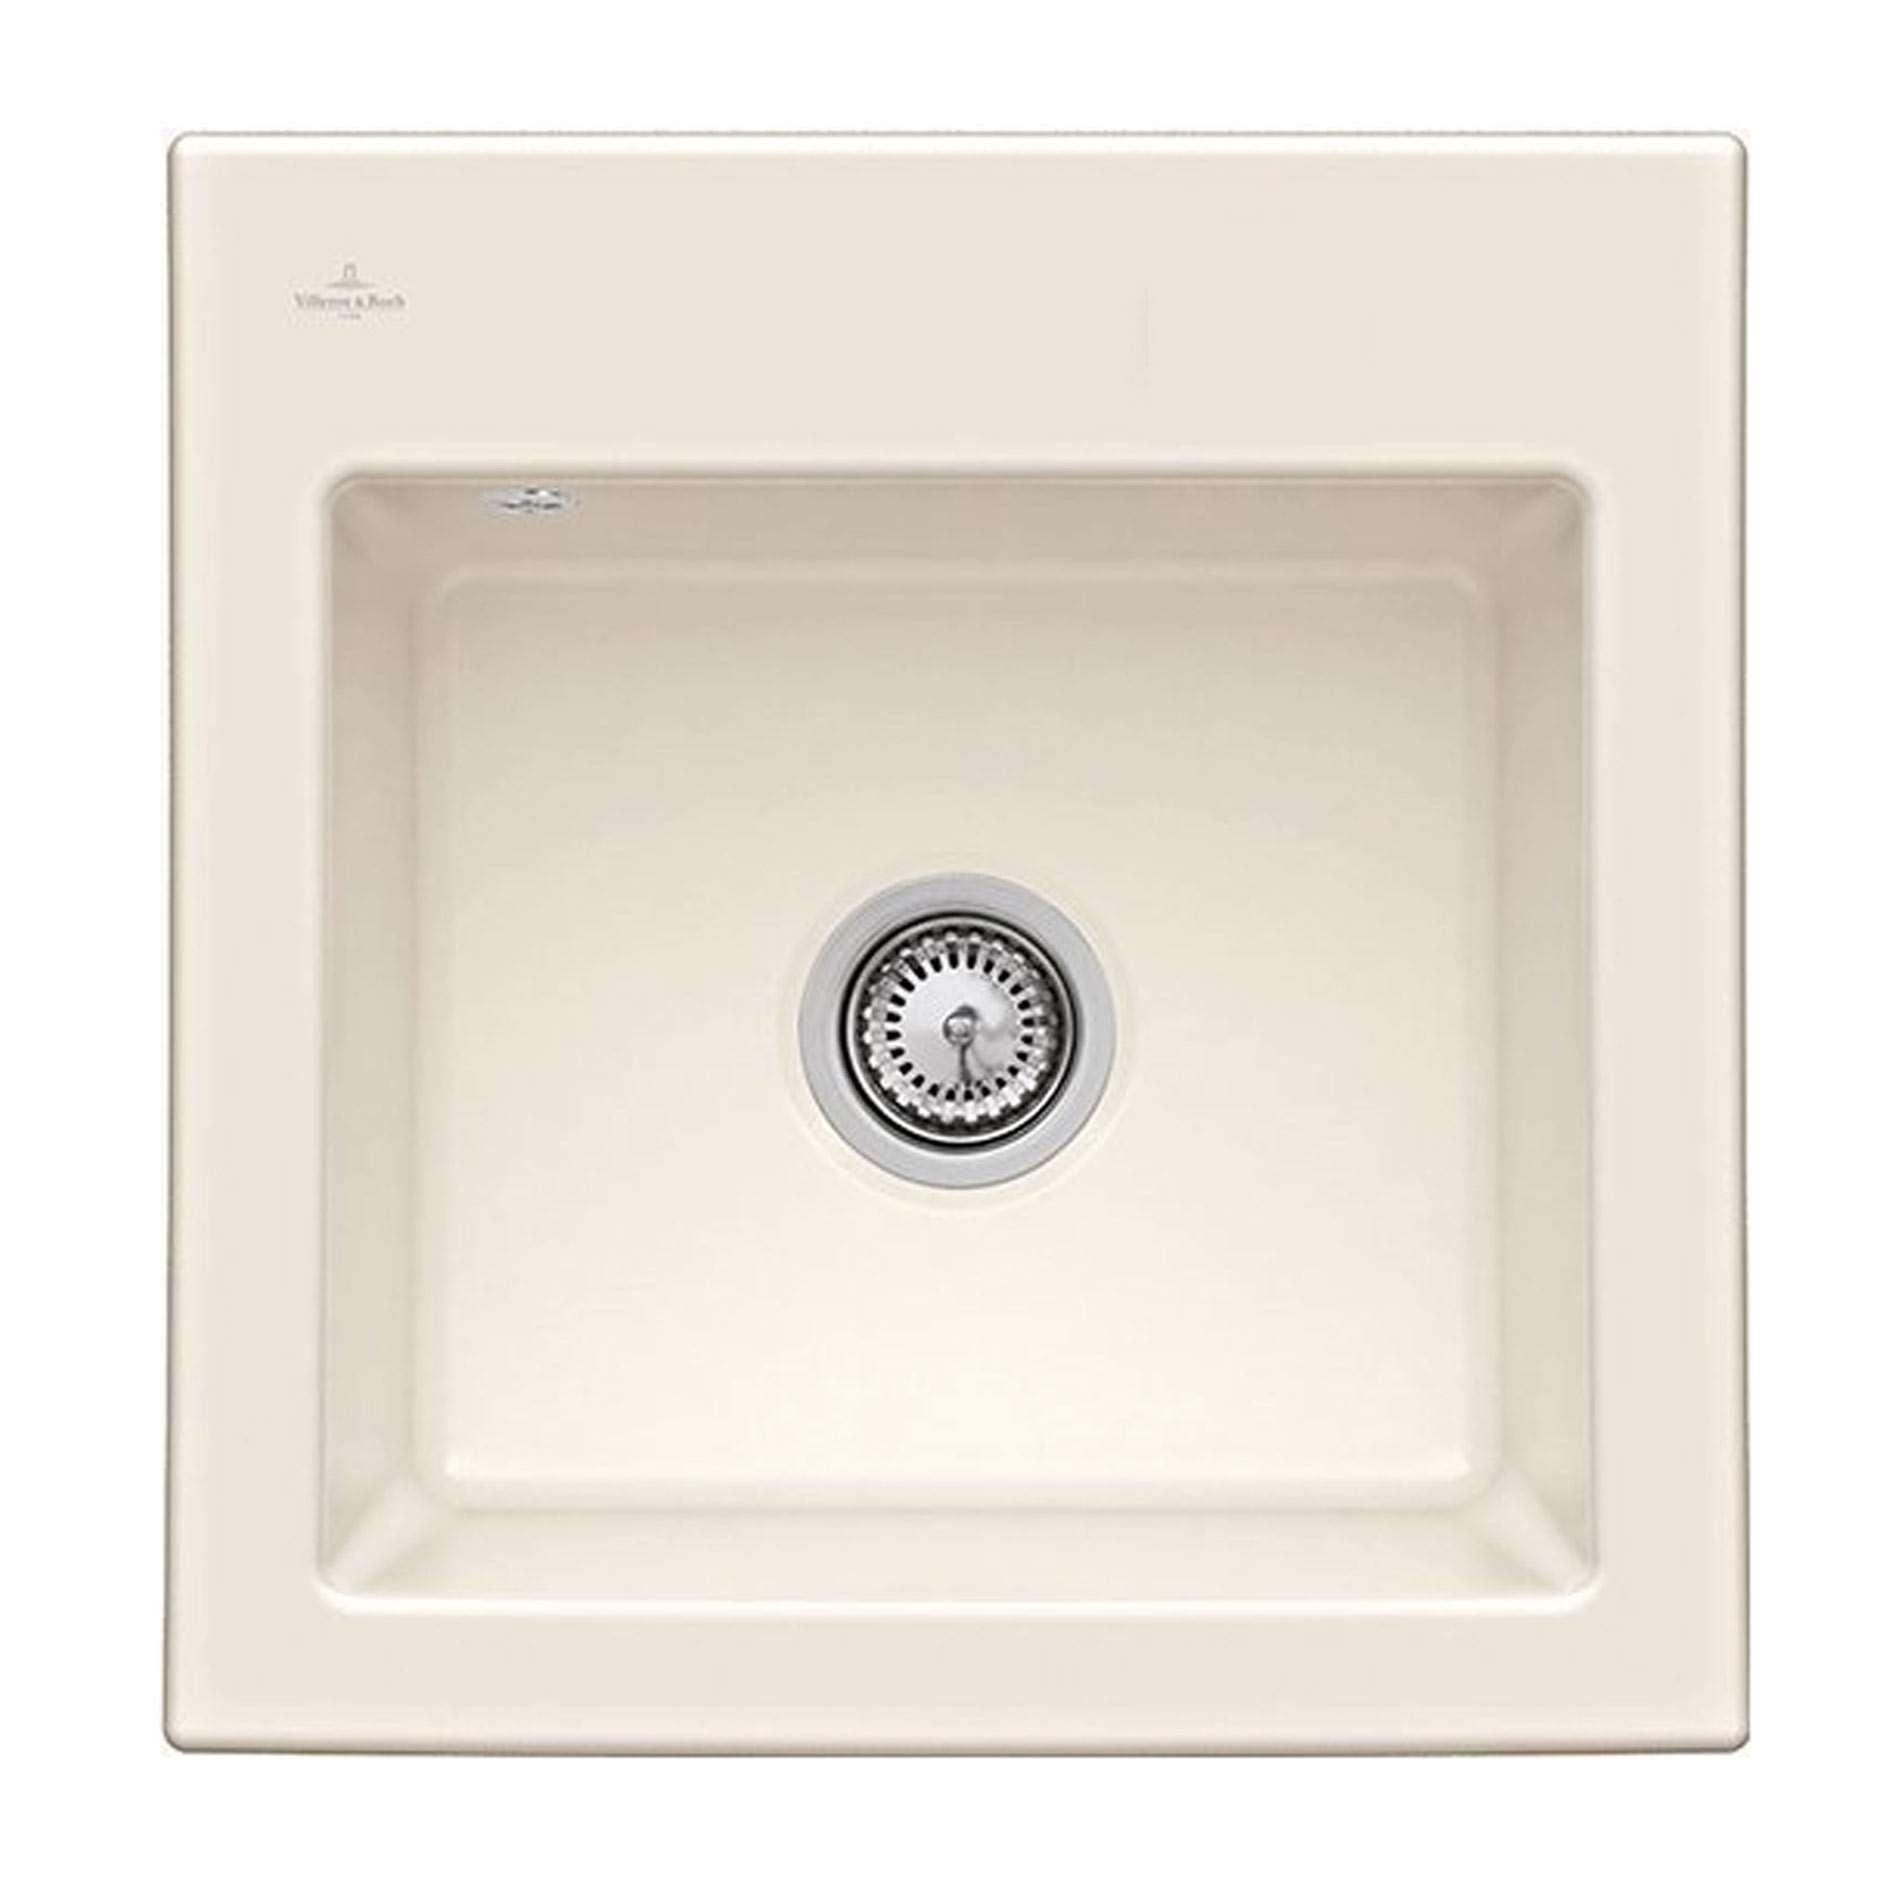 Villeroy boch subway 50 s cream ceramic sink kitchen sinks taps picture of subway 50 s cream ceramic sink workwithnaturefo